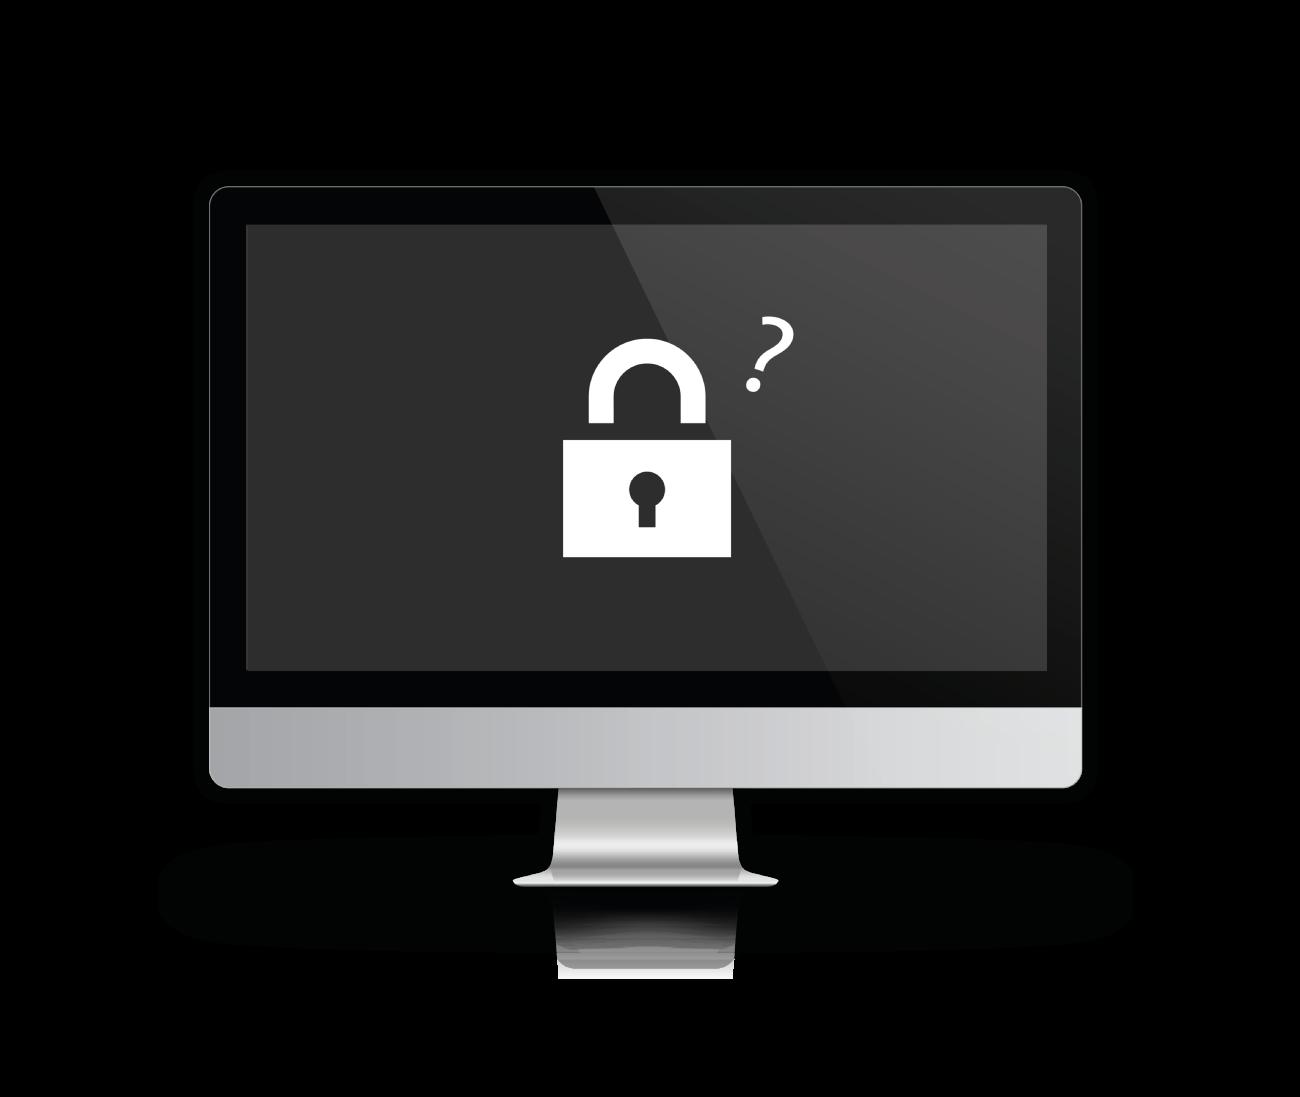 Le format SVG, comme décrit plus haut, est lu par un navigateur grâce à son code XML. Cette méthode comprend le risque de failles de vulnérabilité XML dans votre site internet. Attention donc à tenir votre version XML de votre SVG à jour, et à disposer d'un système de sécurité sur votre site internet.